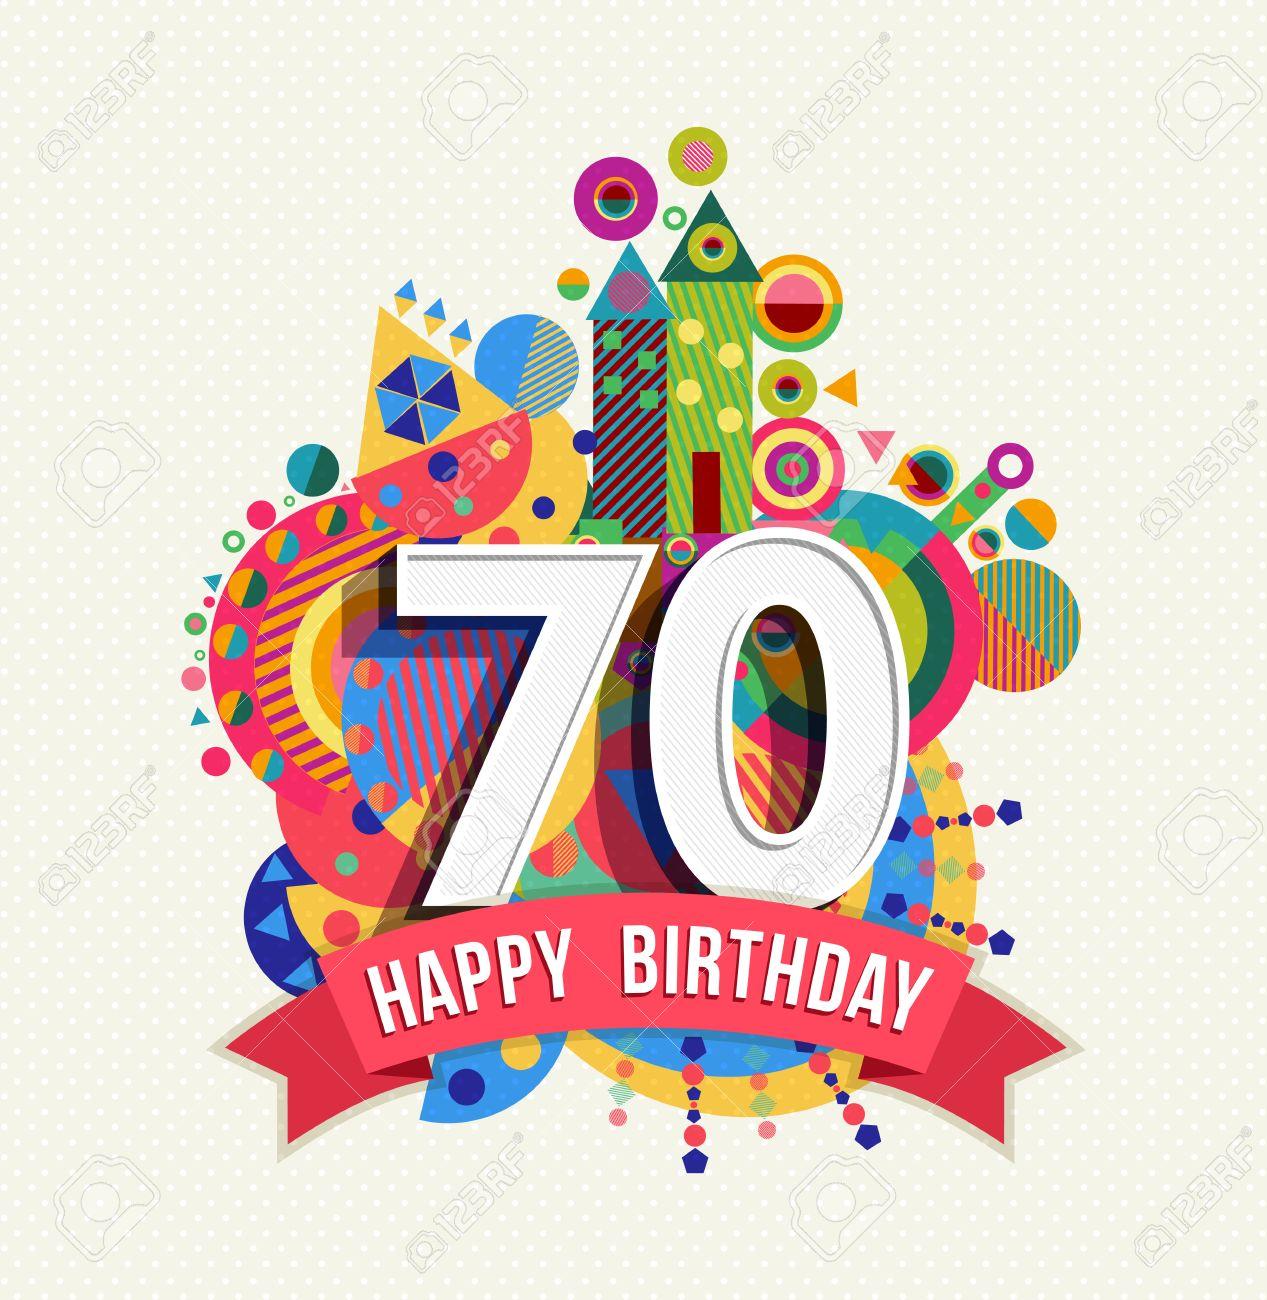 Cumpleaños 70 Años Setenta Tarjeta De Felicitación De La Diversión Feliz Celebración Con Número Etiqueta De Texto Y Un Diseño Colorido Geometría